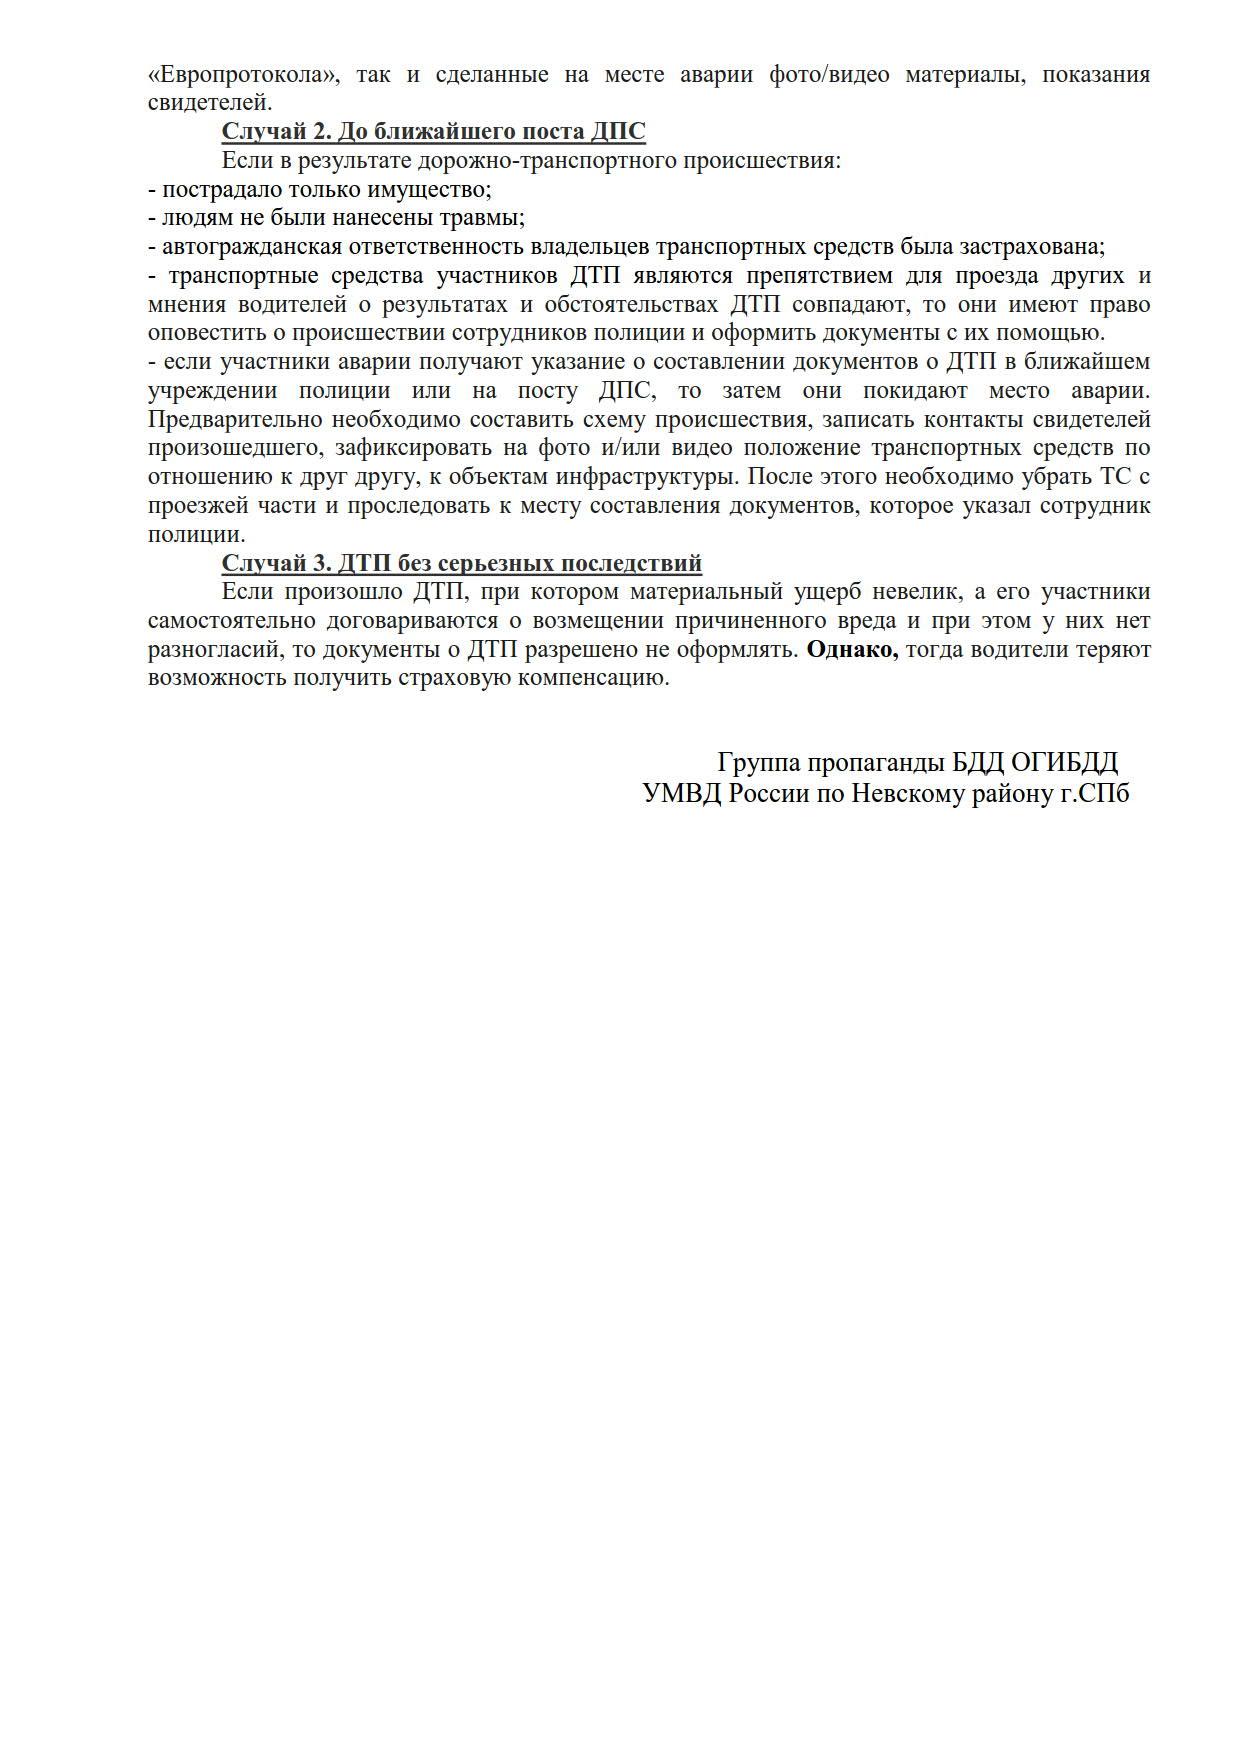 СТАТЬЯ 2019 Порядок оформления ДТП_2